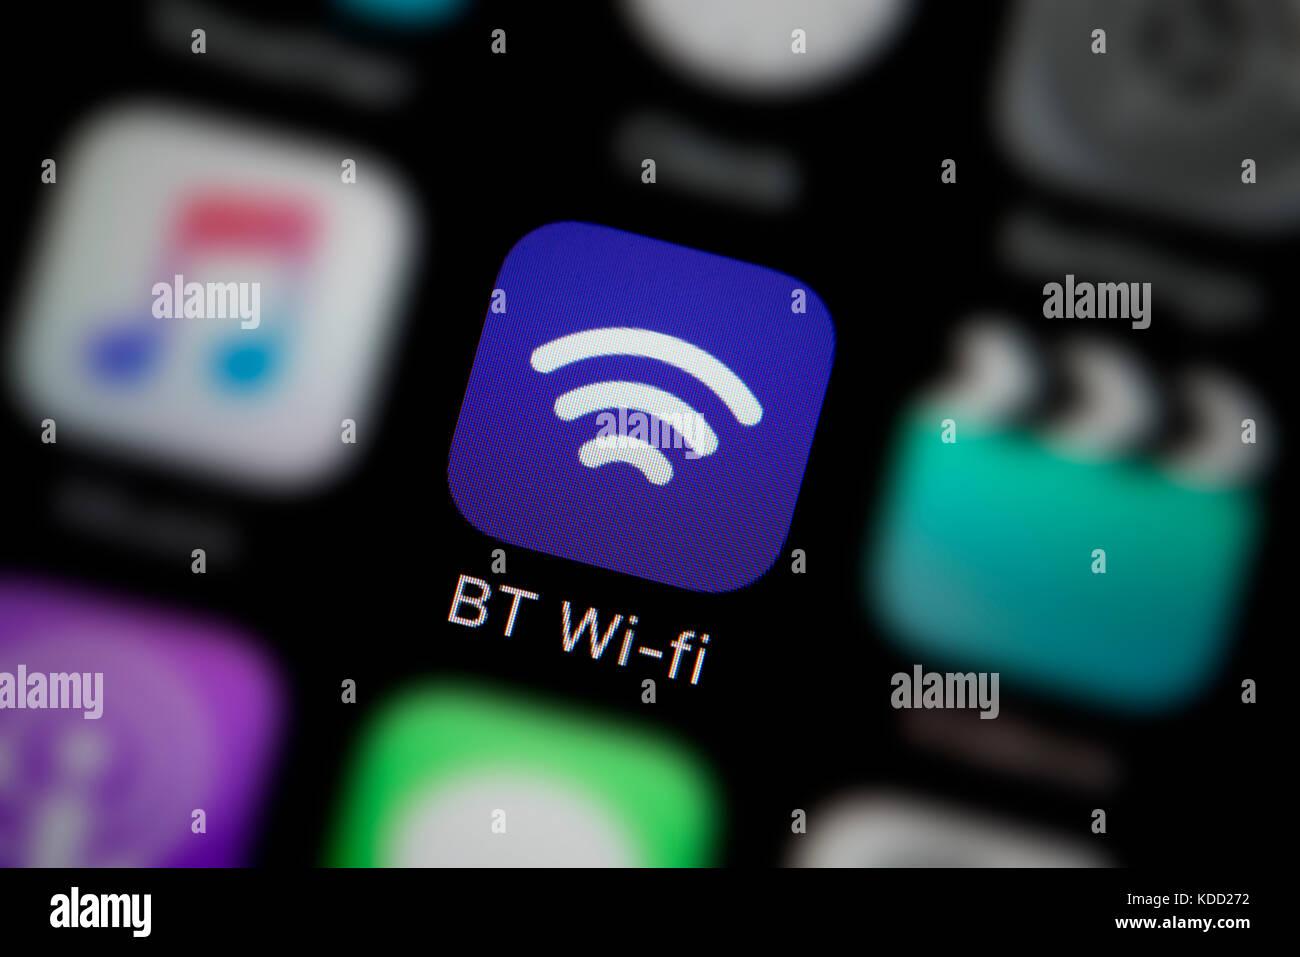 Un primer plano del logotipo que representa BT wi-fi app icono, como se ve en la pantalla de un teléfono inteligente Imagen De Stock